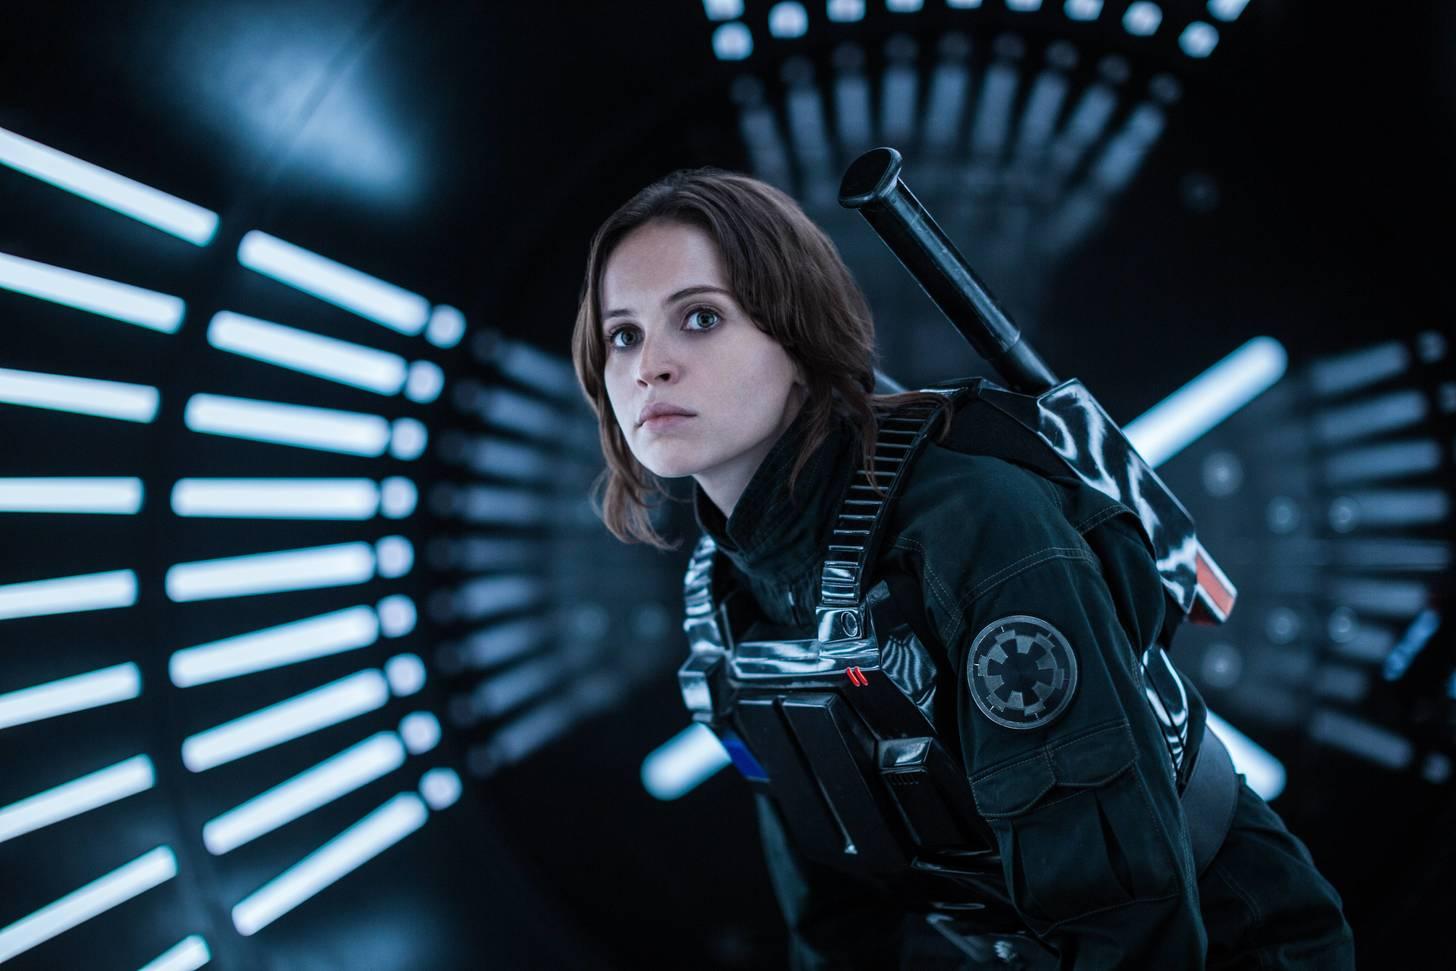 Star Wars Rogue One - felicity Jones